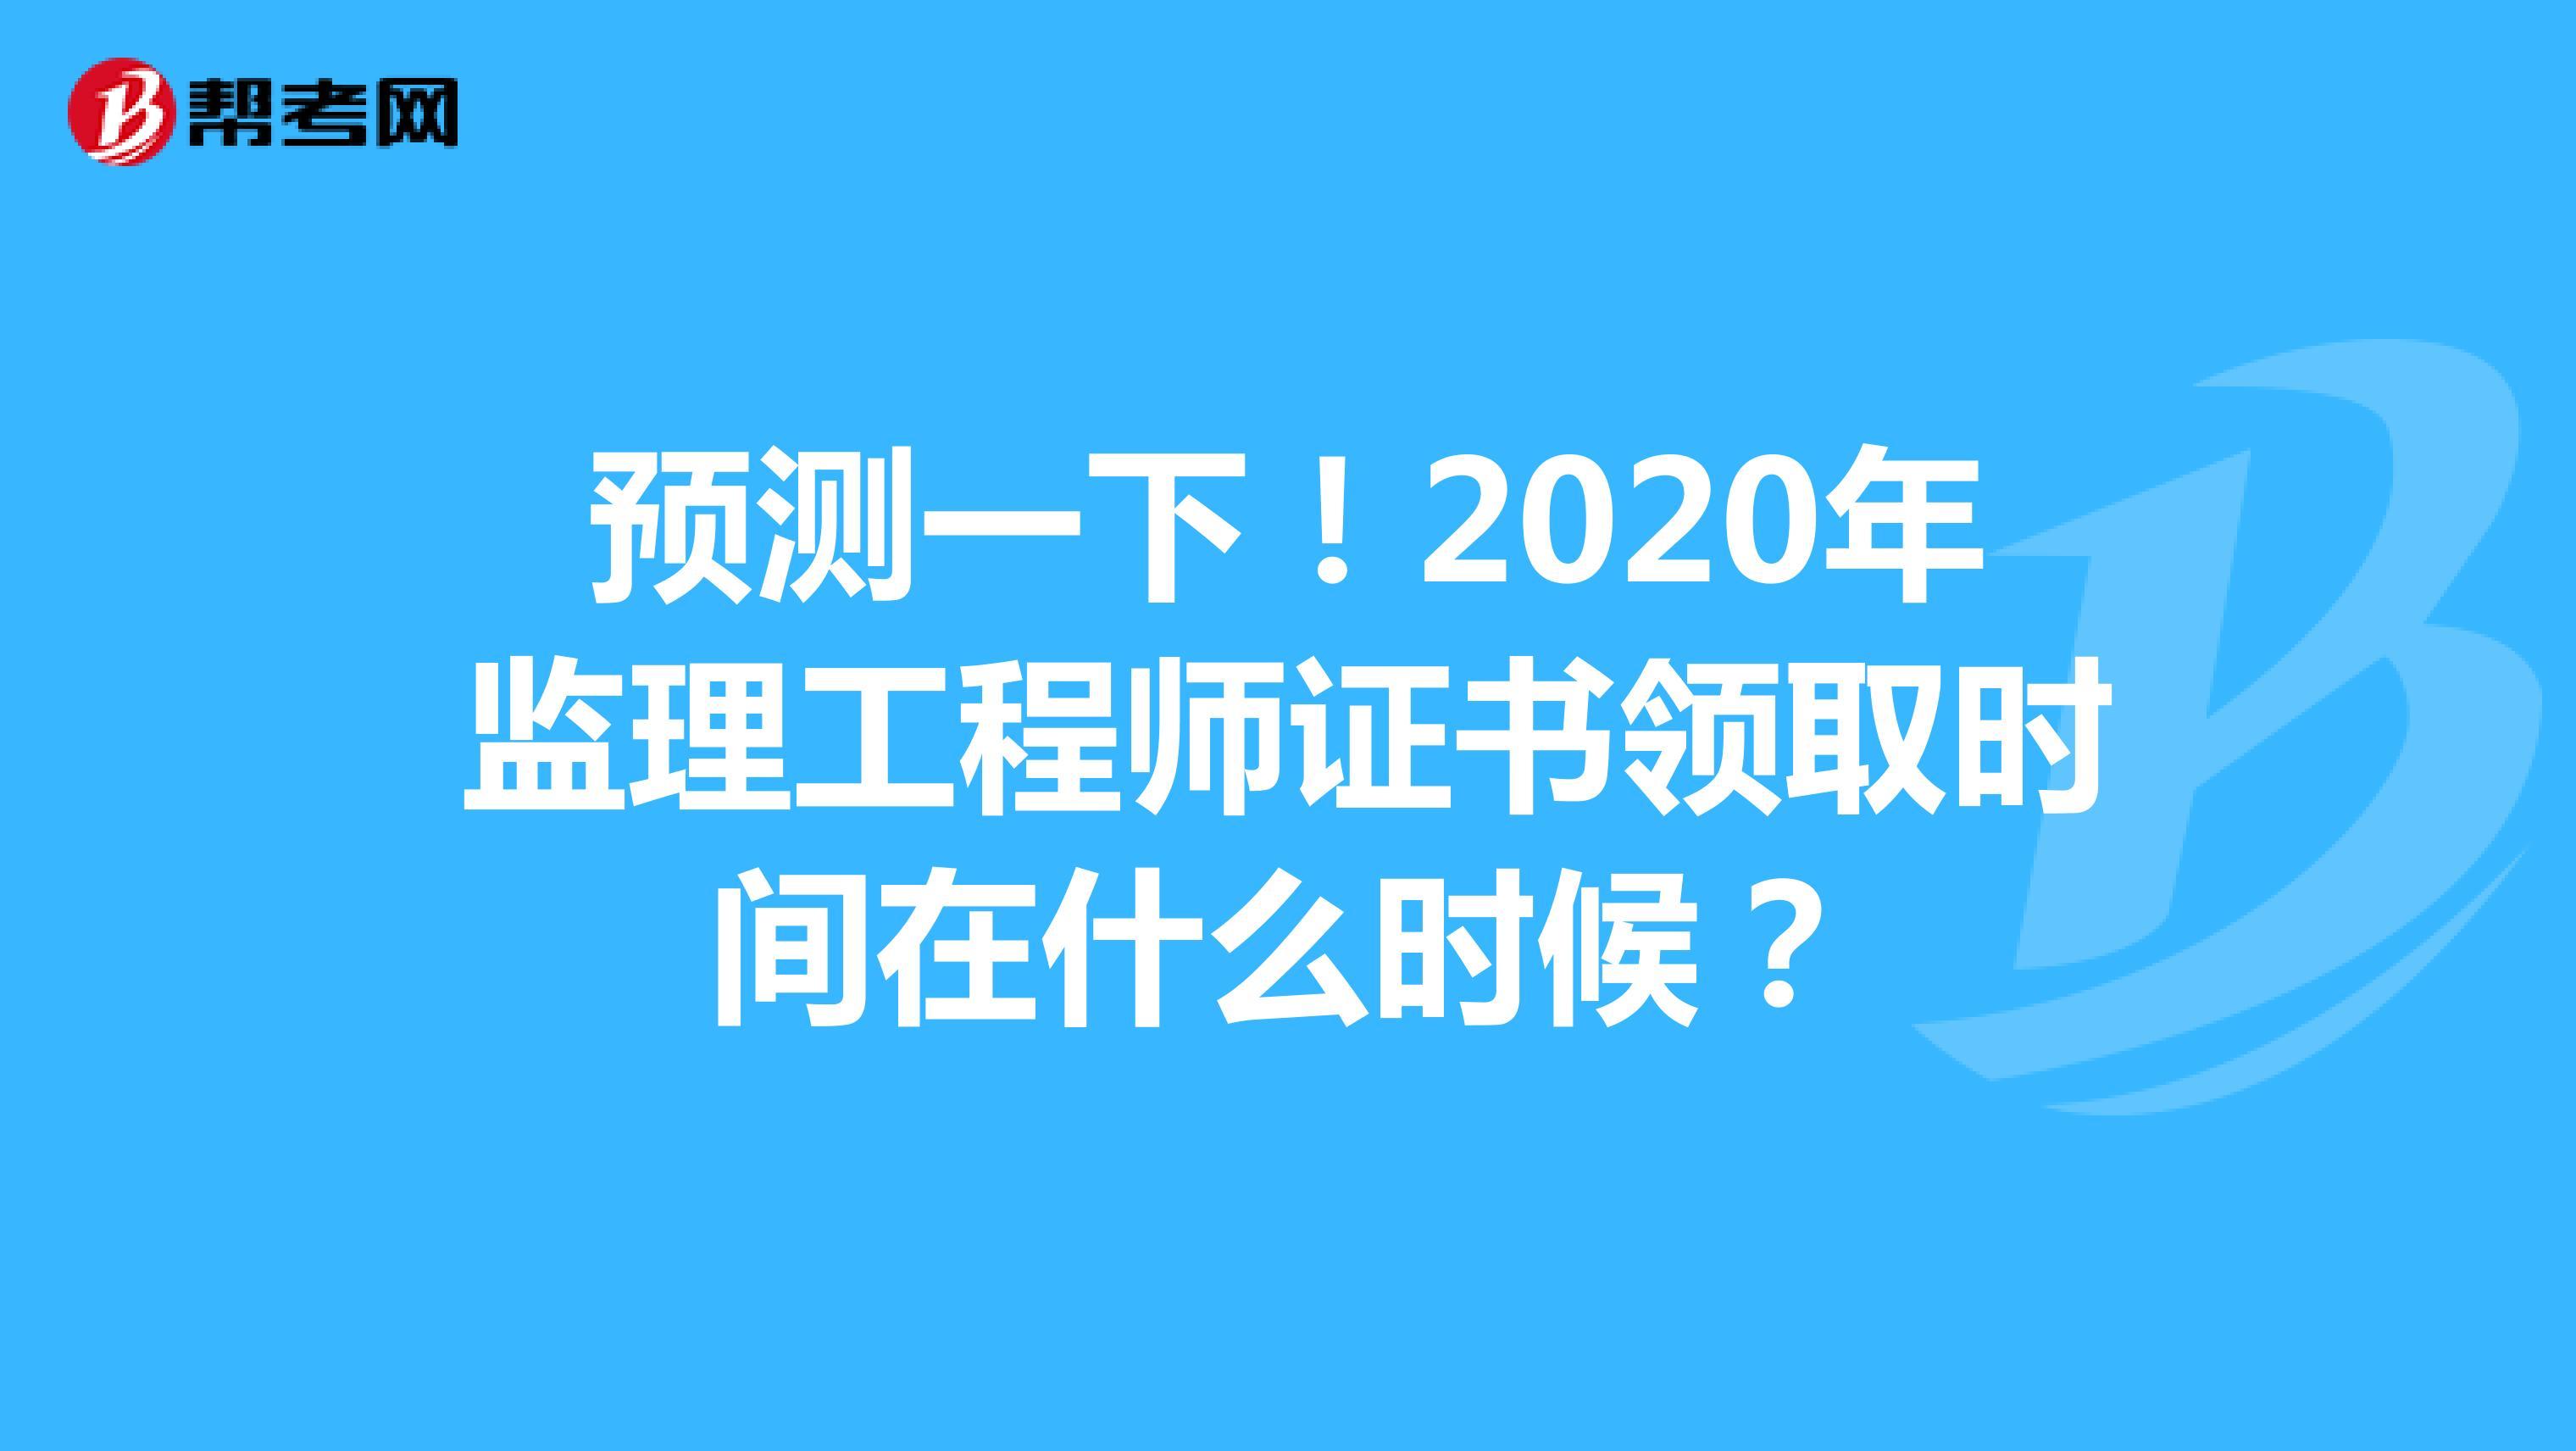 预测一下!2020年监理工程师证书领取时间在什么时候?